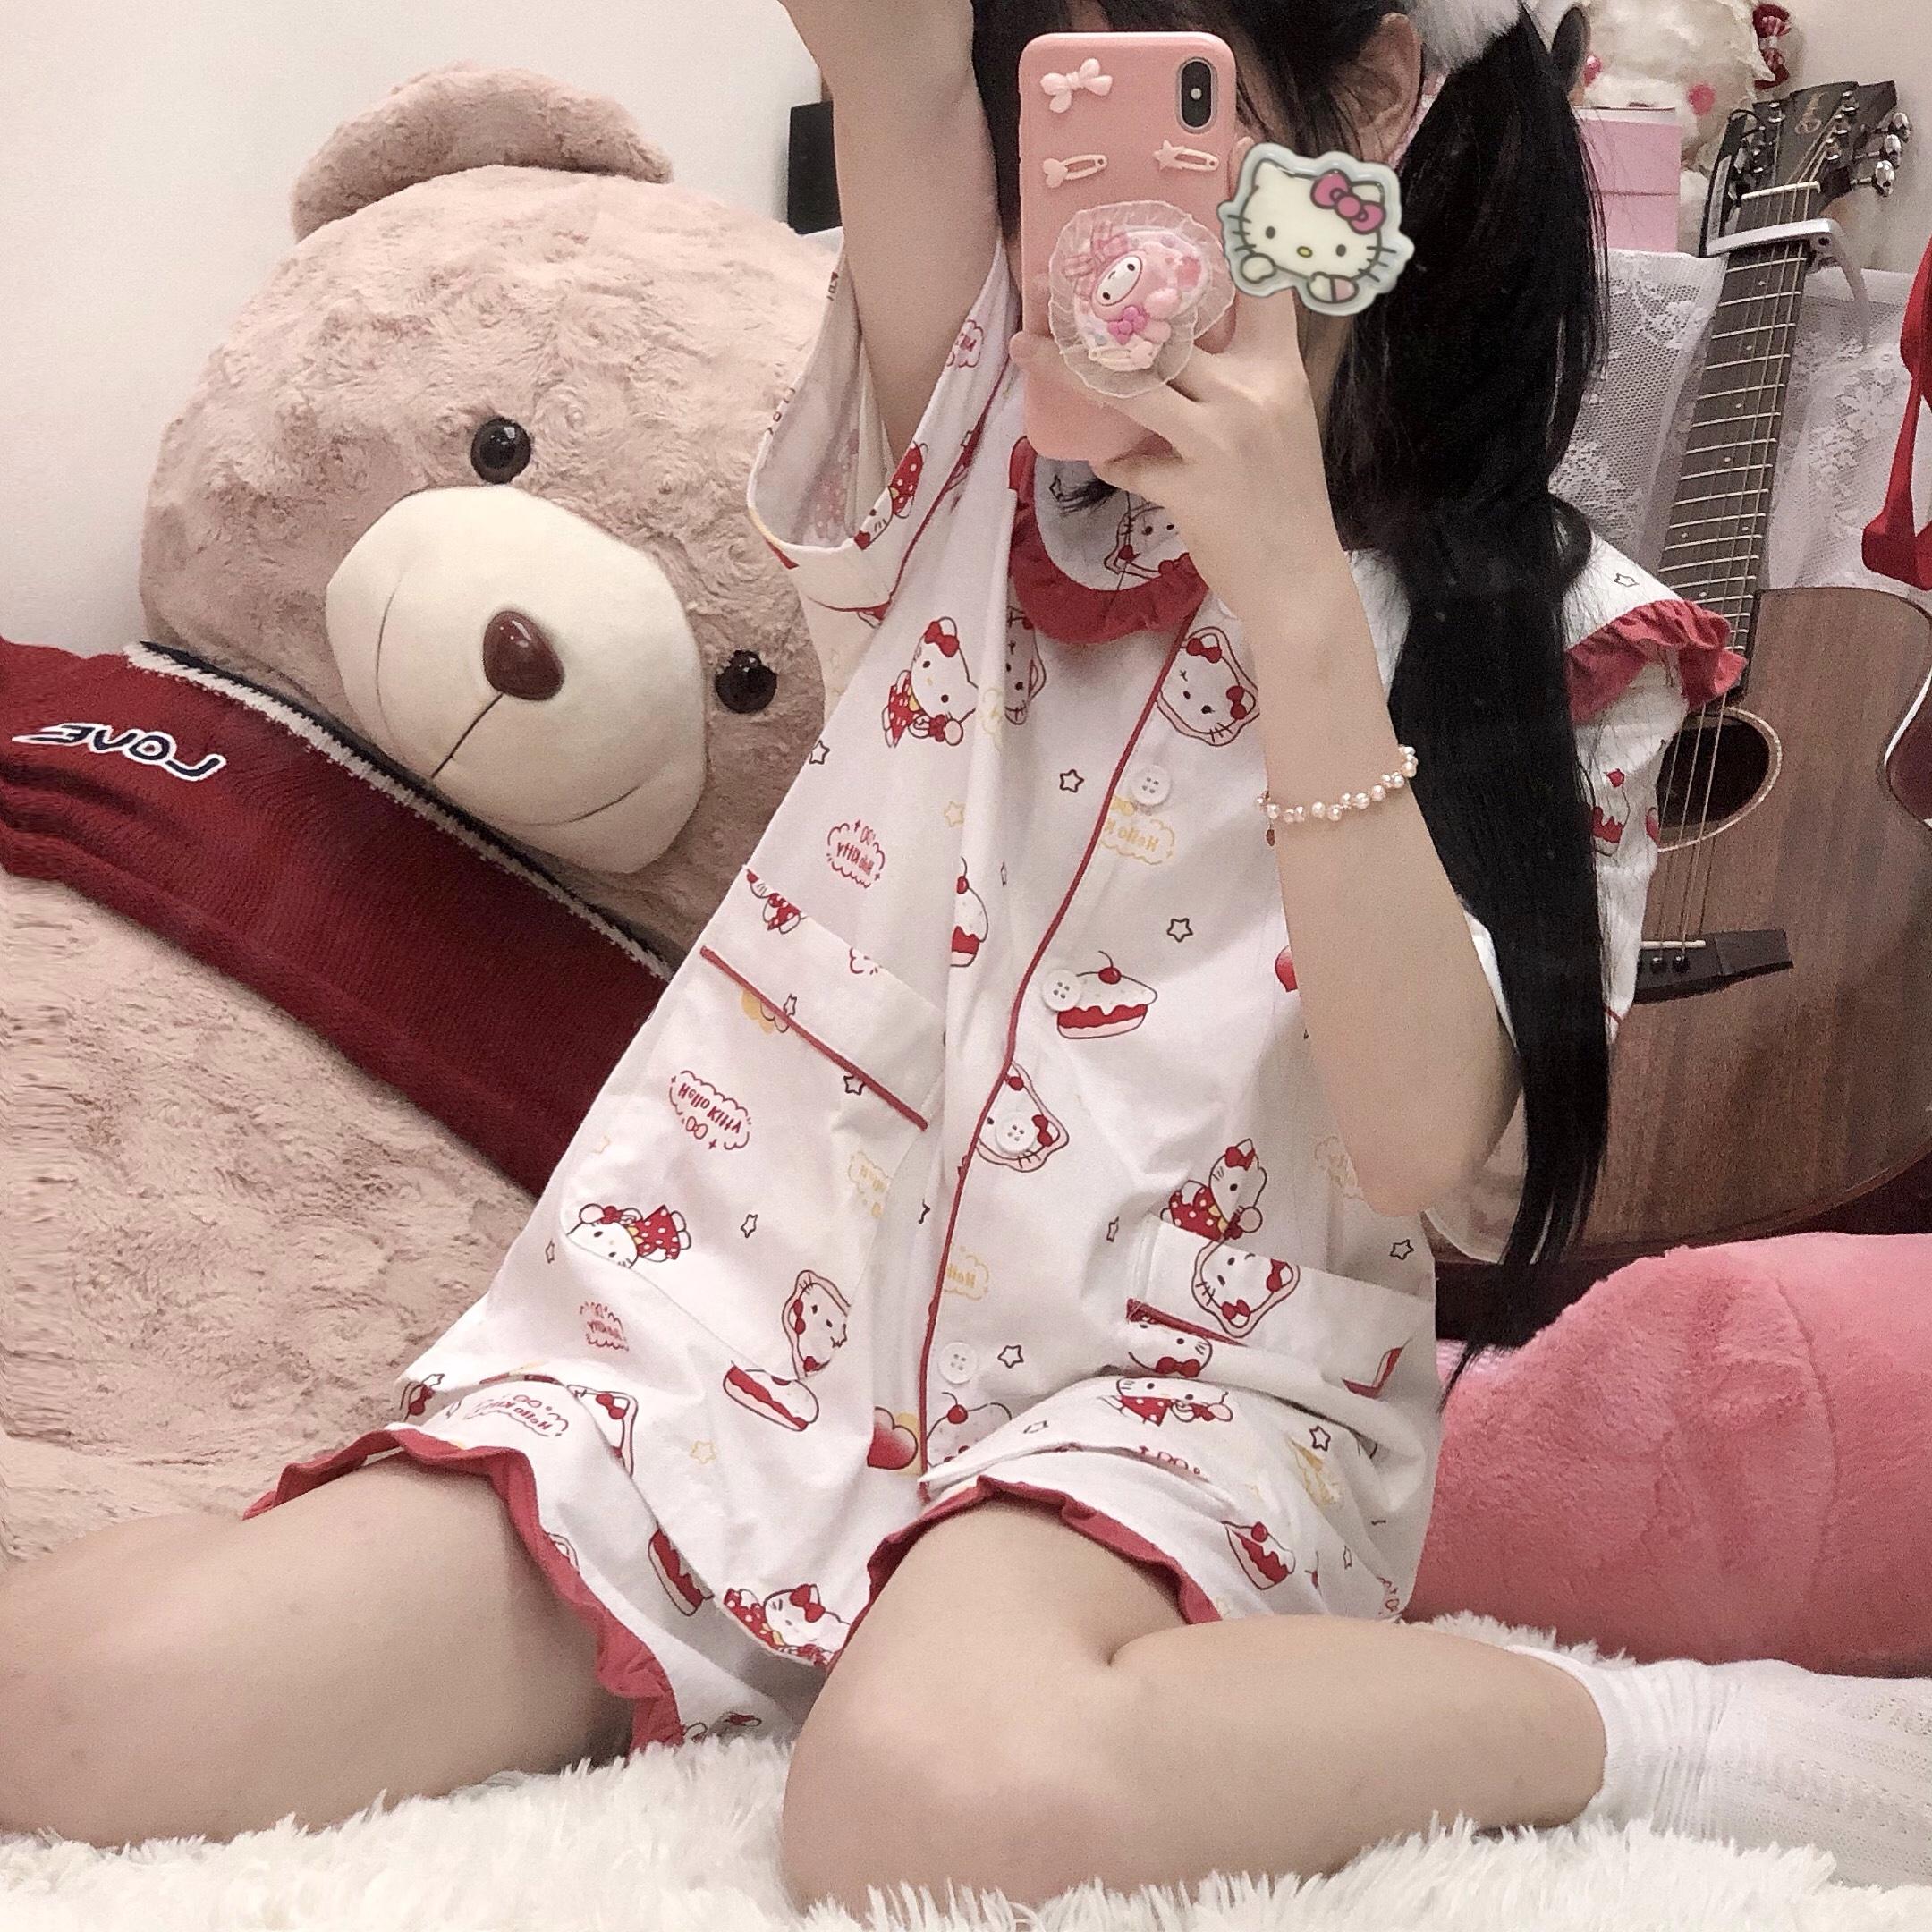 原创日系可爱软妹kt猫少女睡衣